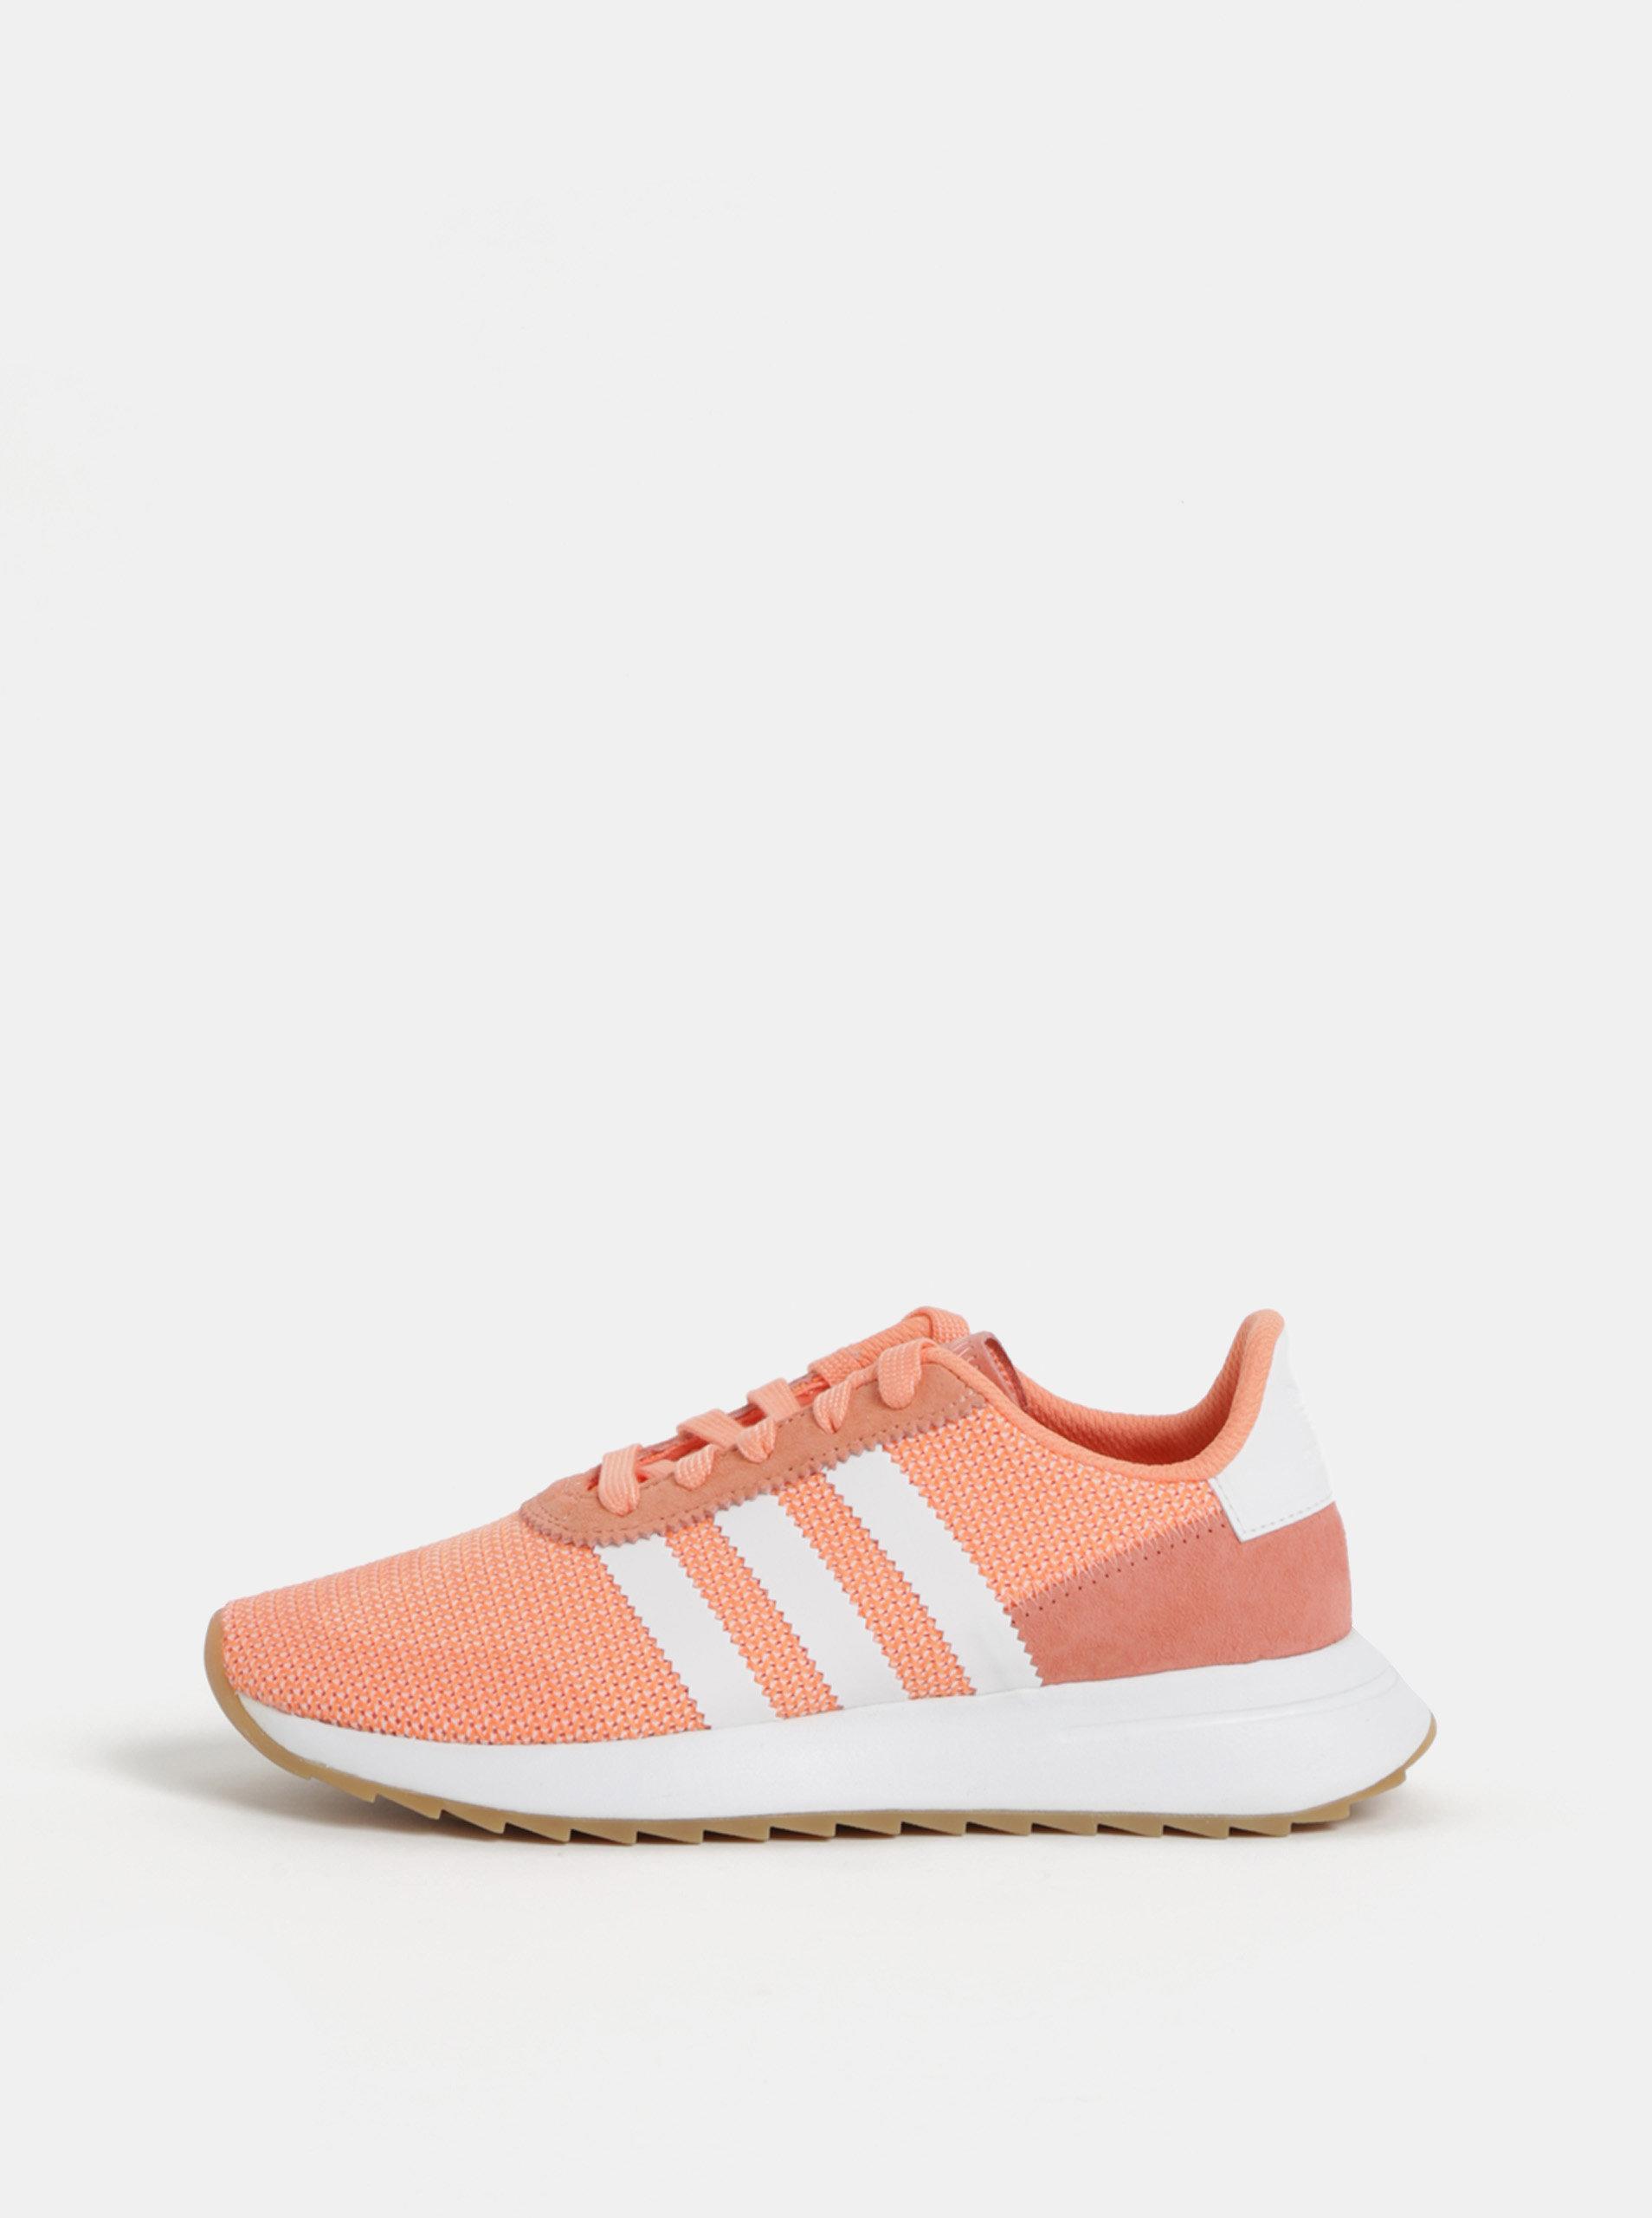 Bílo-oranžové dámské tenisky adidas Originals Runner ... 6b024ce92e